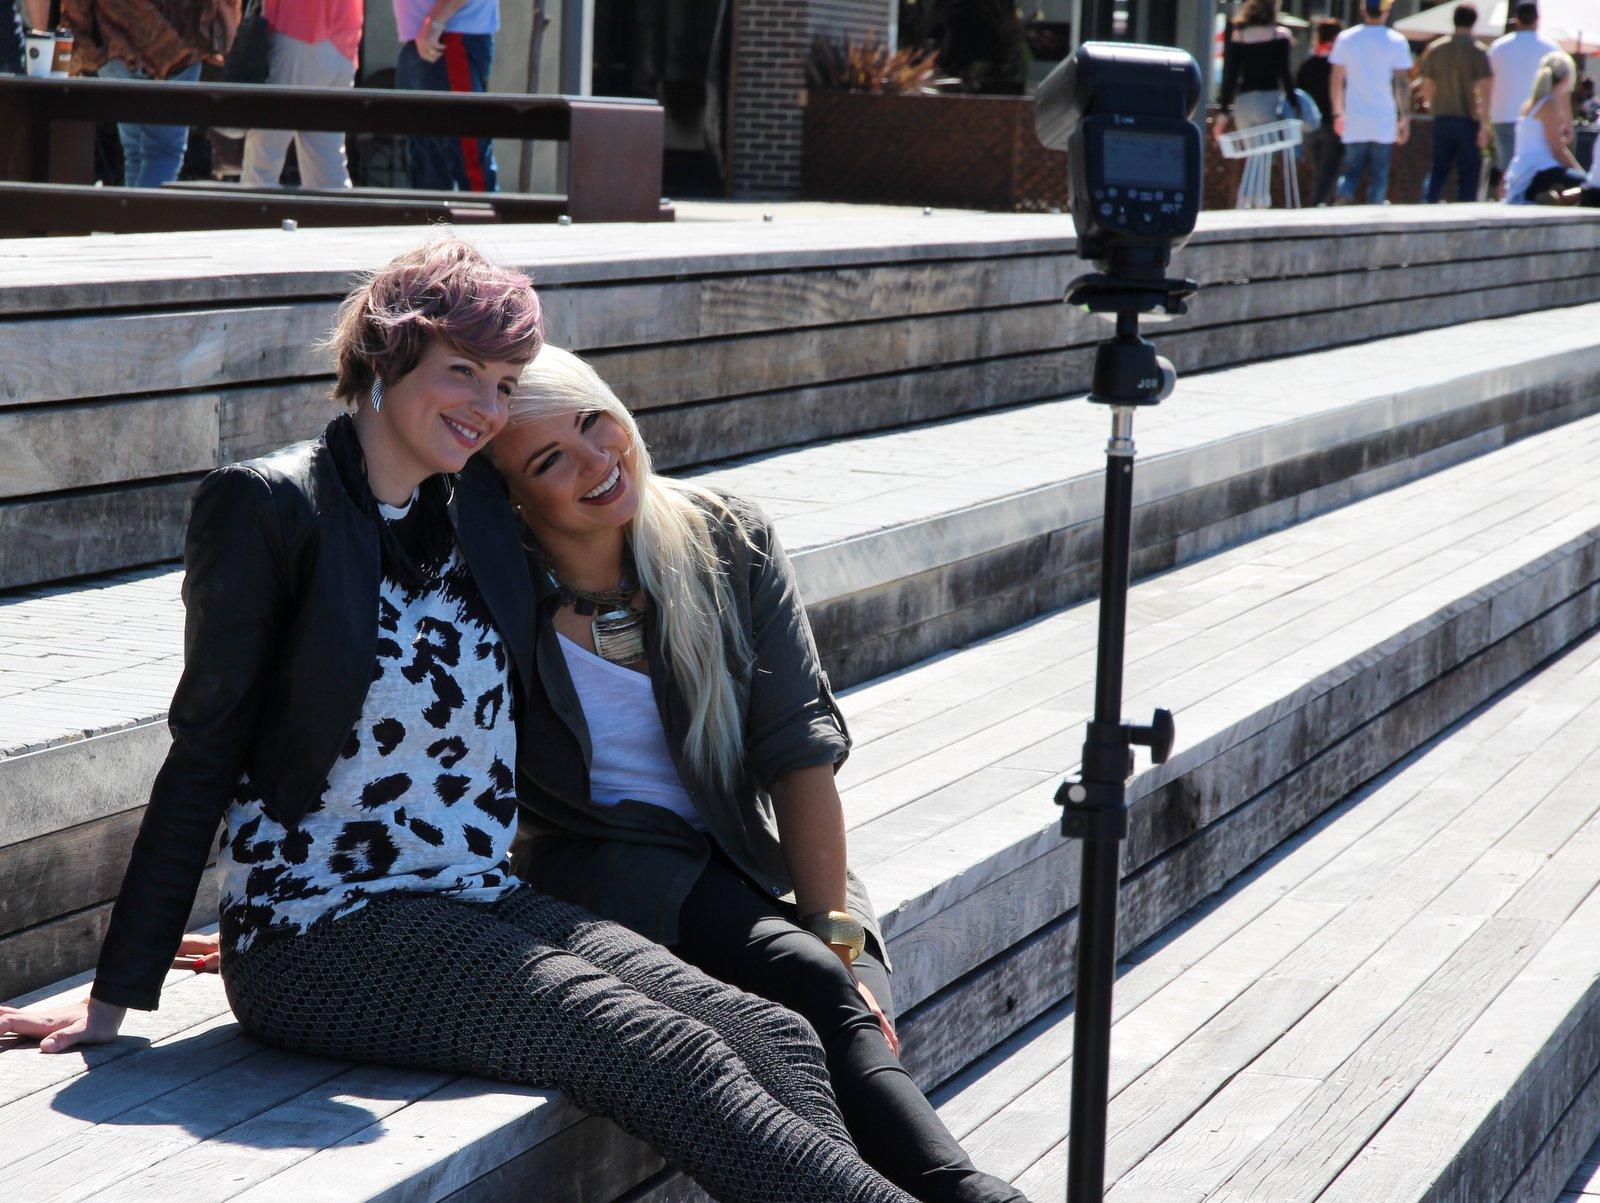 Hayley Jensen - Amber Nichols - Canberra 2